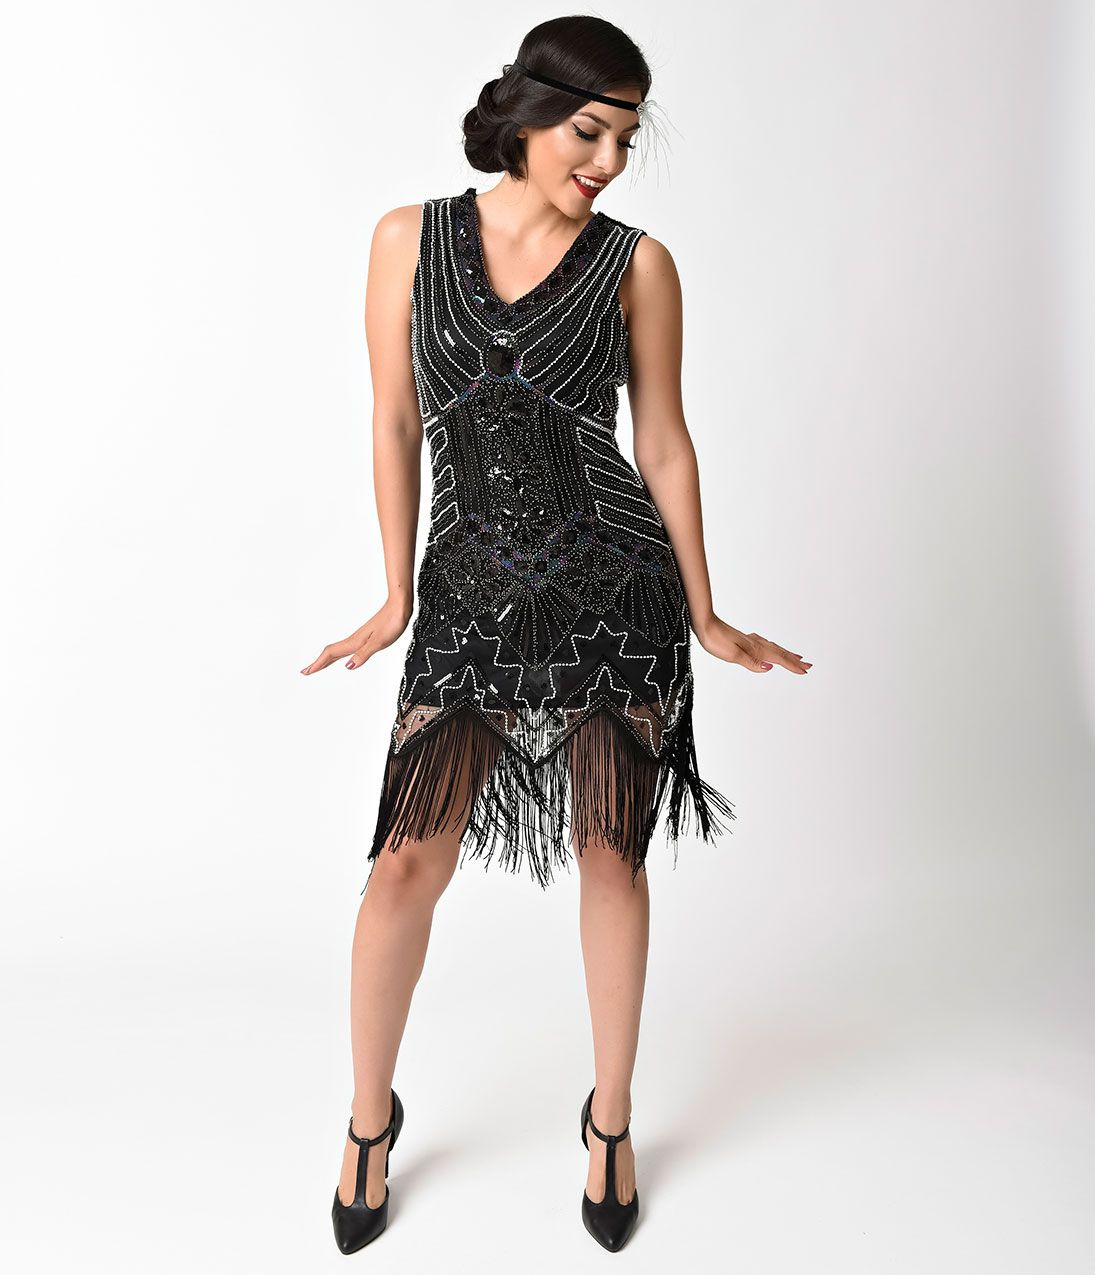 Fantastisch 1920s Style Cocktail Dress Fotos - Brautkleider Ideen ...